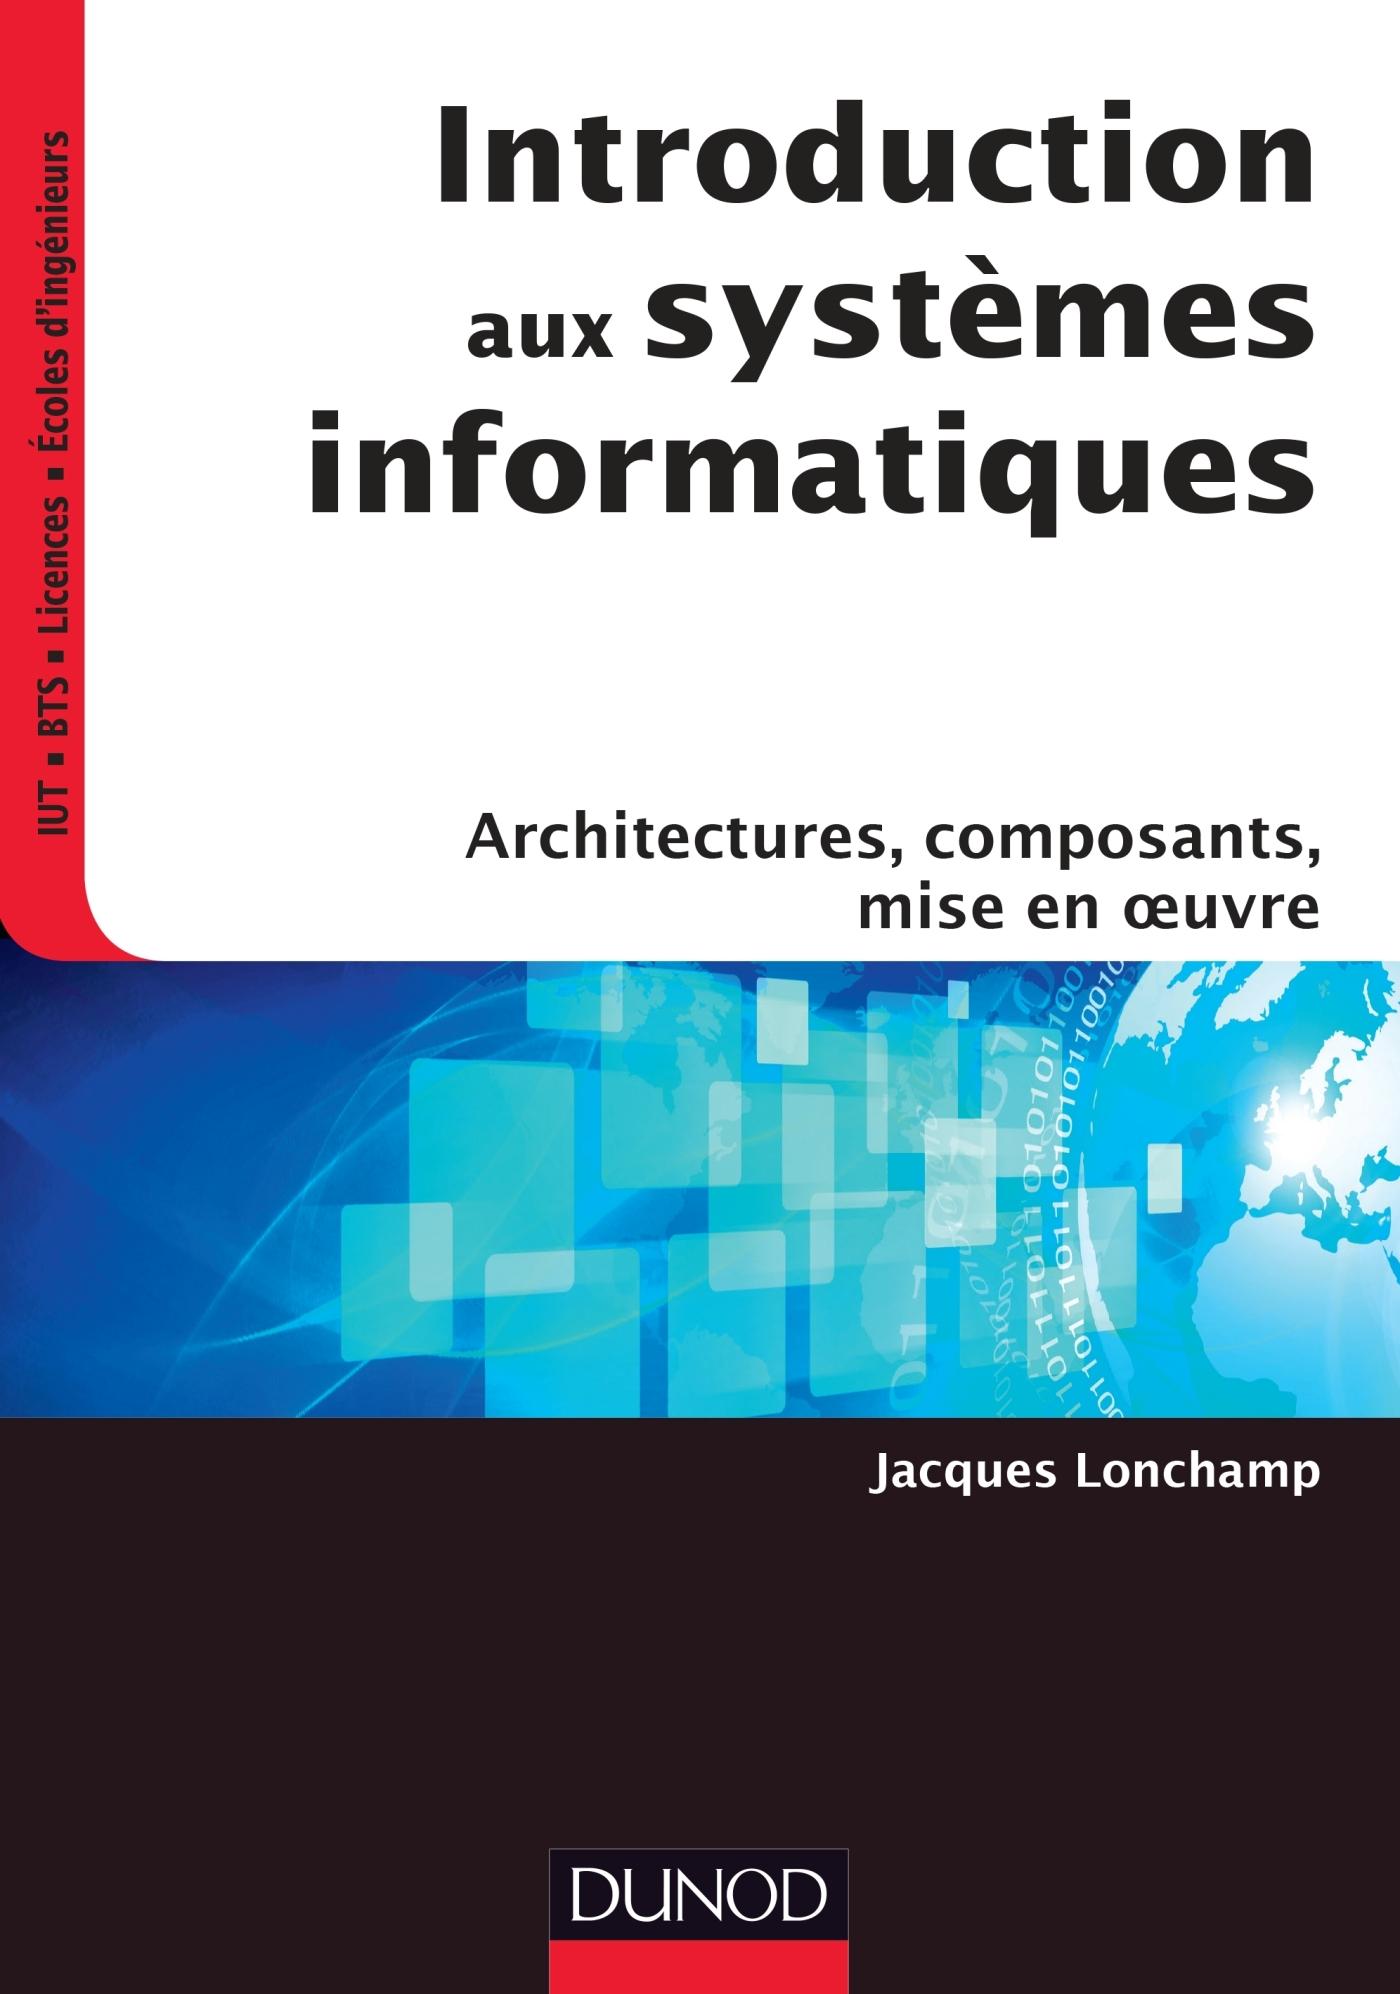 introduction aux syst u00e8mes informatiques - architectures  composants  mise en oeuvre